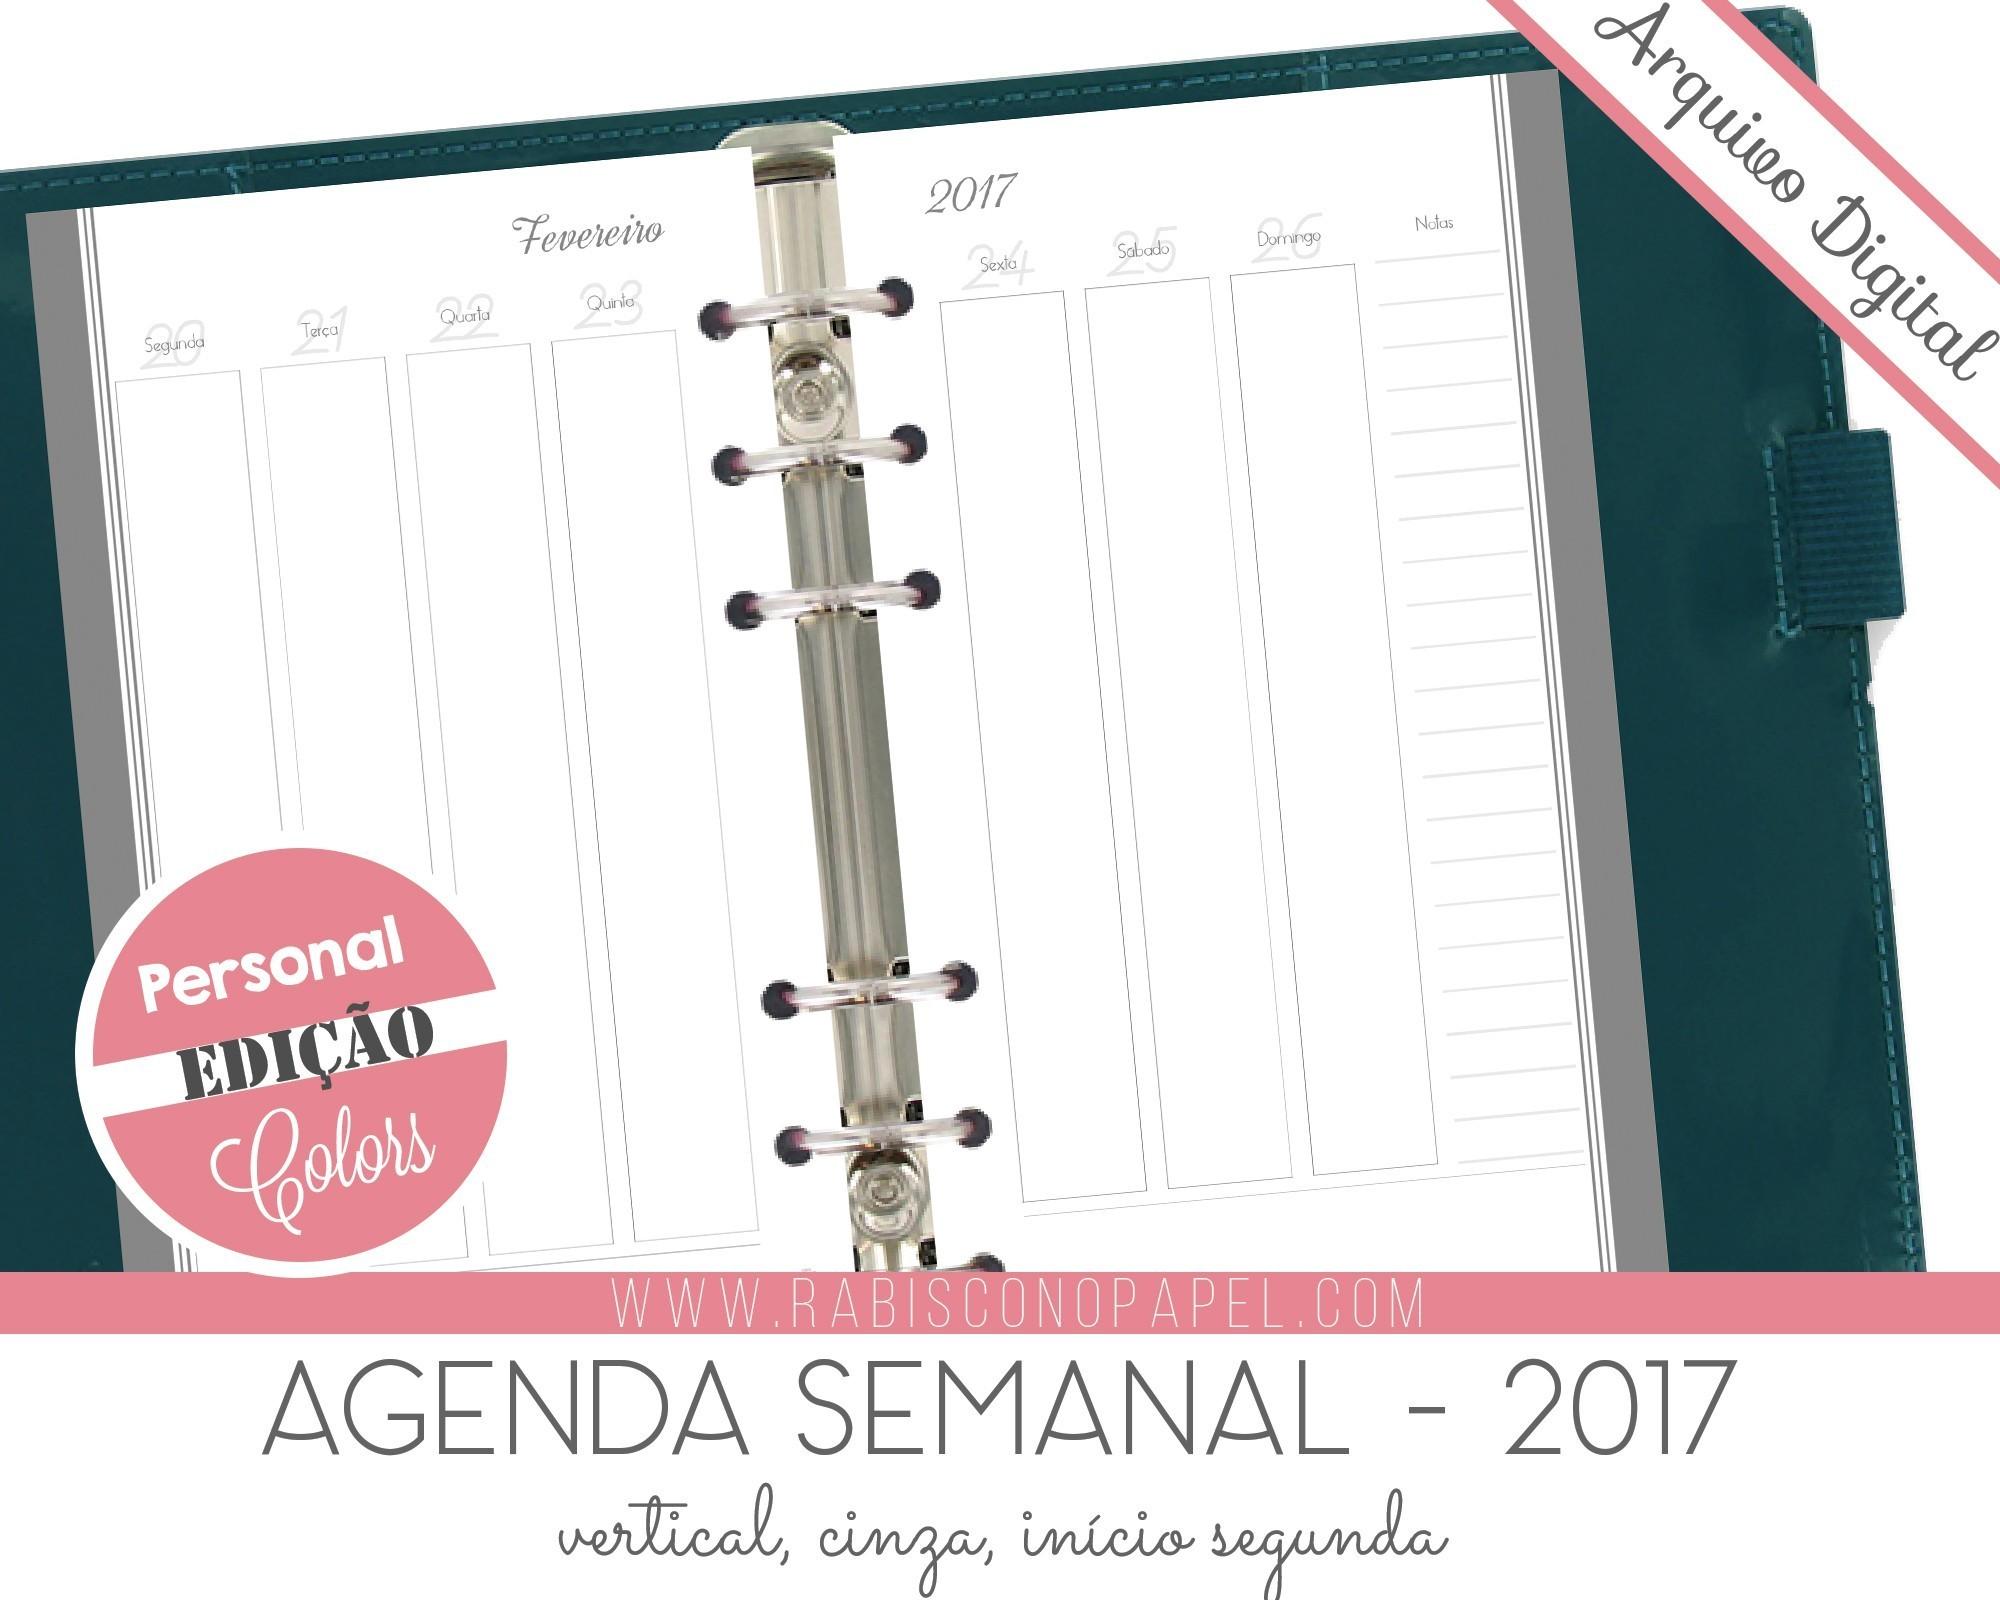 calendario 2019 e os feriados imprimivel agenda vertical 2017 personal cinza